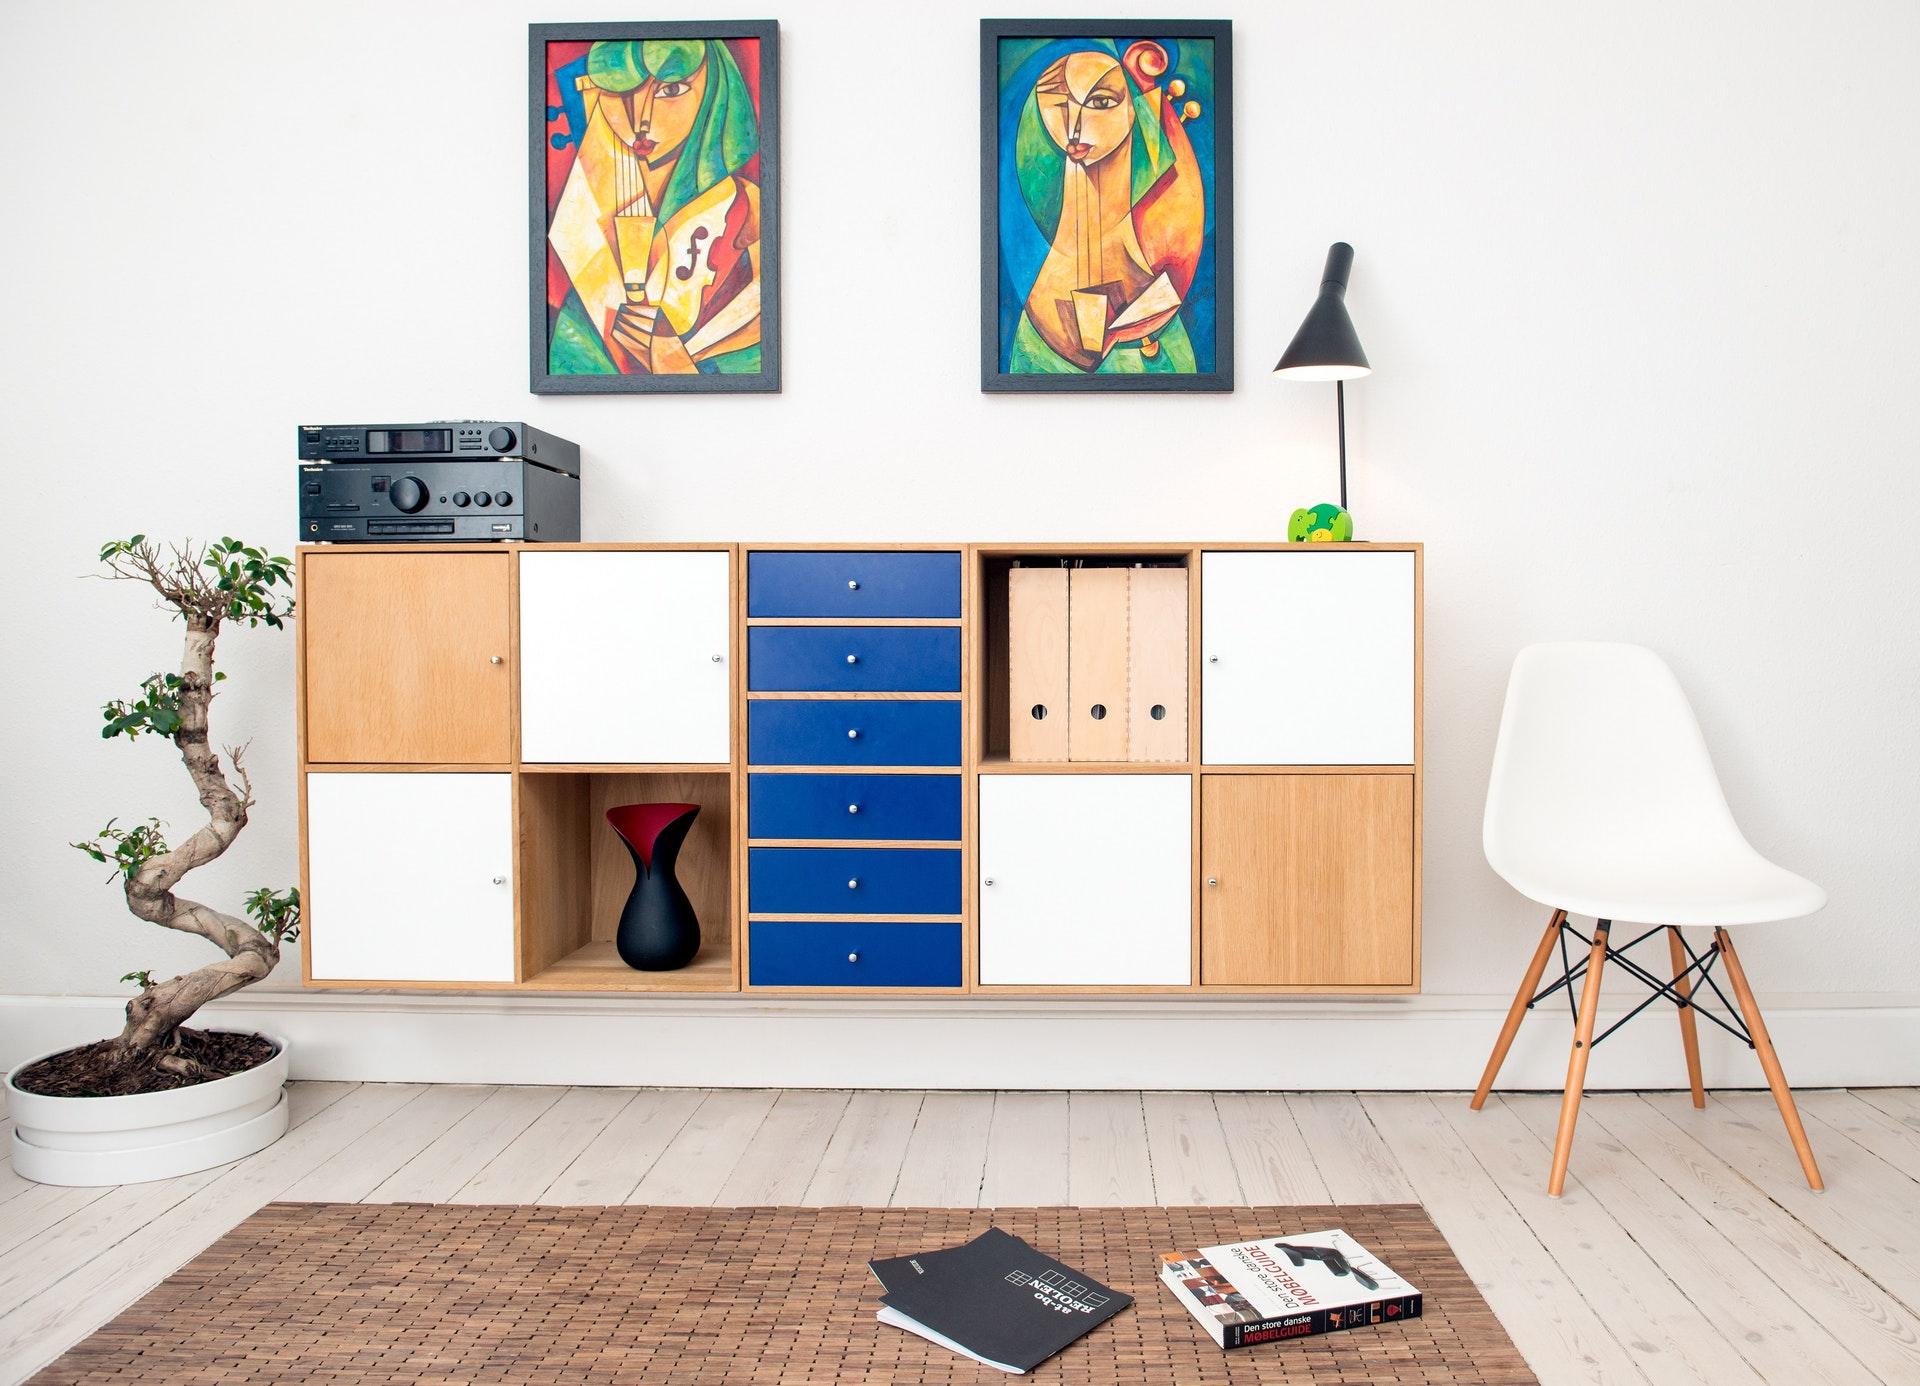 Comment transformer votre salon en havre de paix